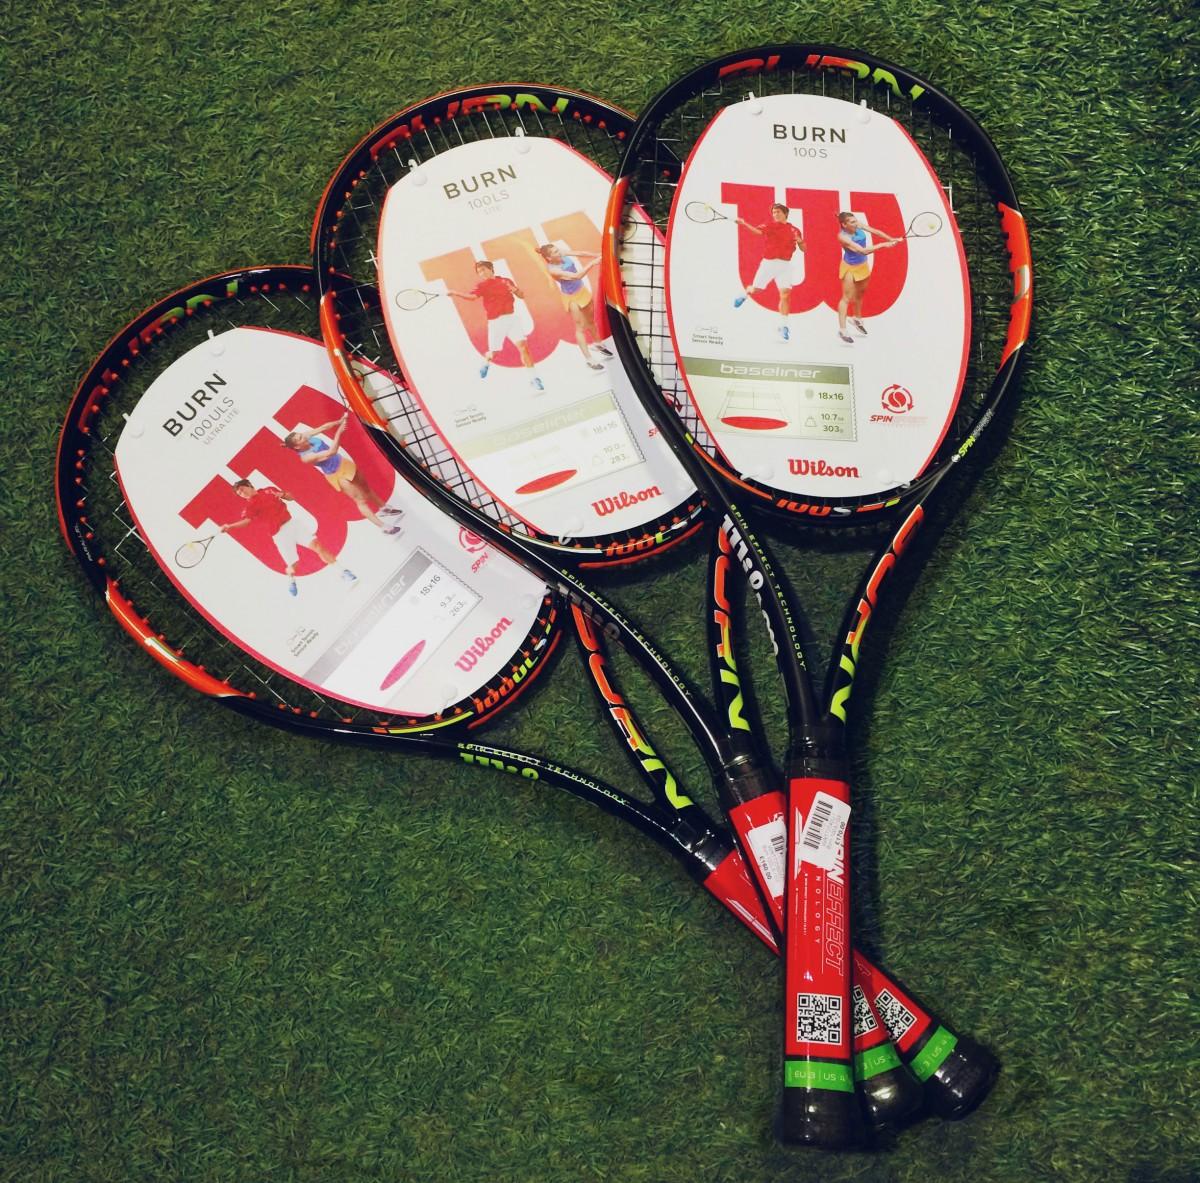 Wilson Burn rackets